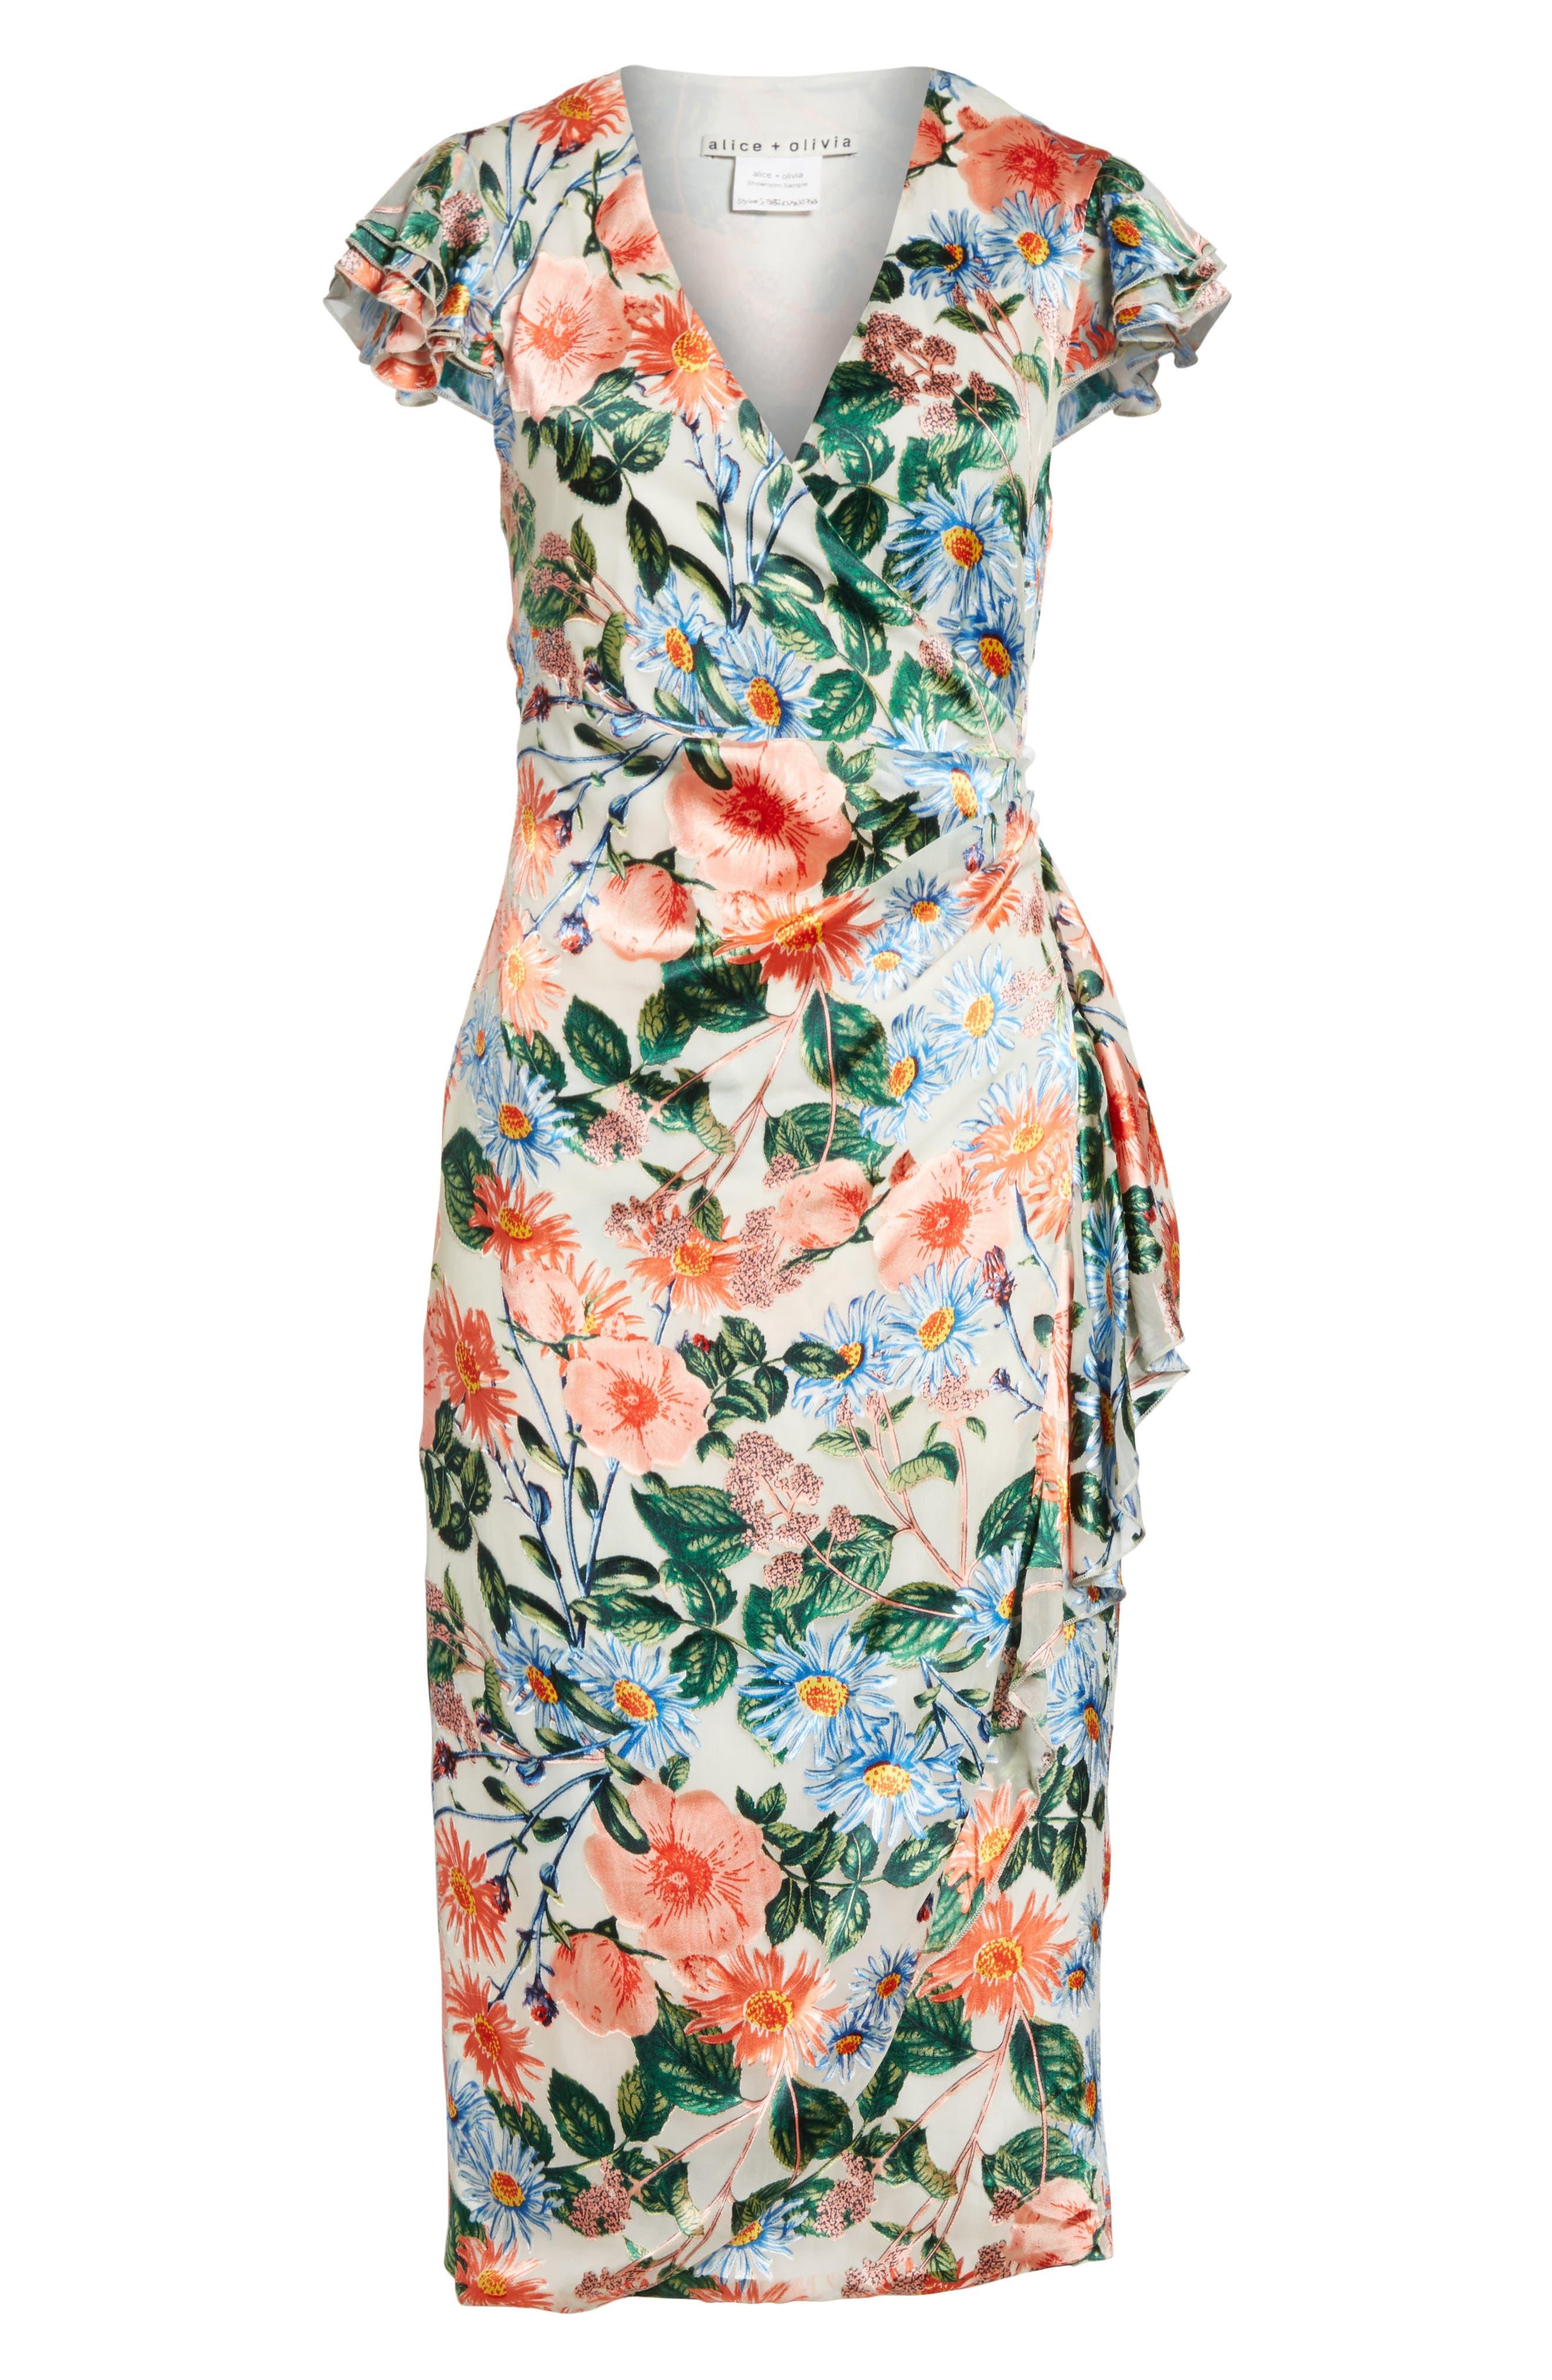 Garnet Floral Wrap Dress,                             Alternate thumbnail 6, color,                             470